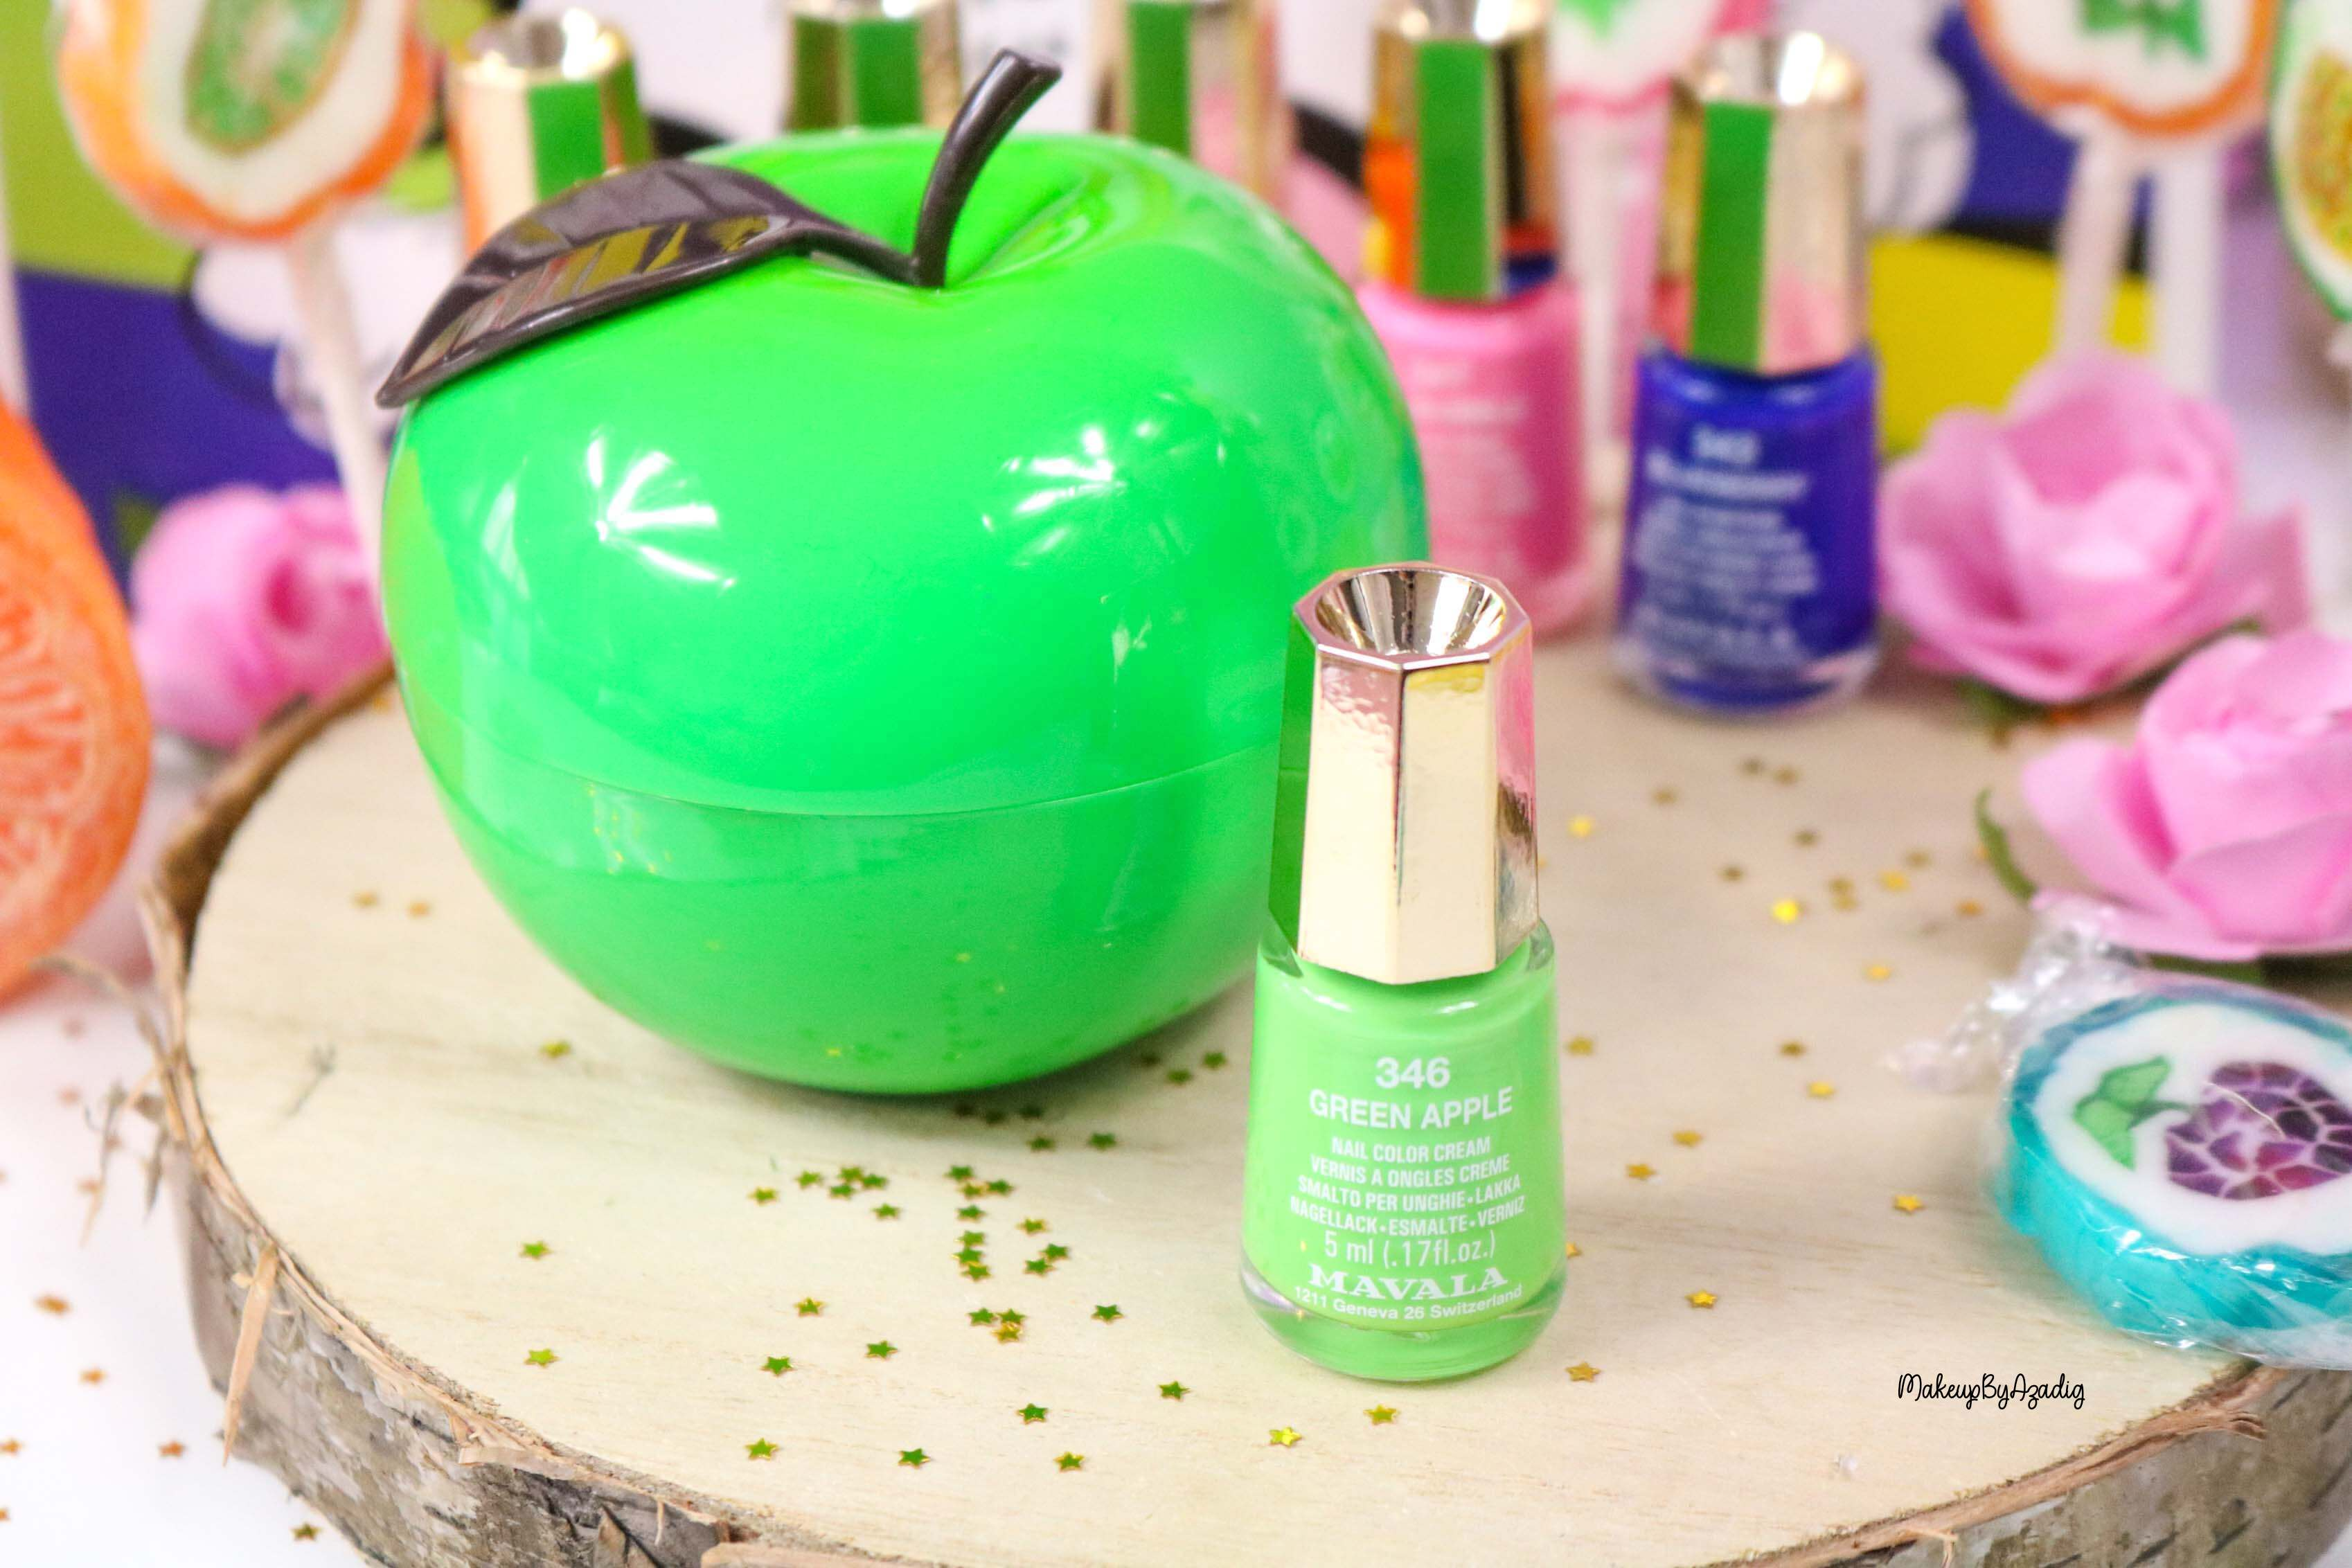 nouvelle-collection-vernis-tendance-printemps-ete-mavala-pas-cher-makeupbyazadig-avis-prix-monoprix-bubble-gum-green-apple